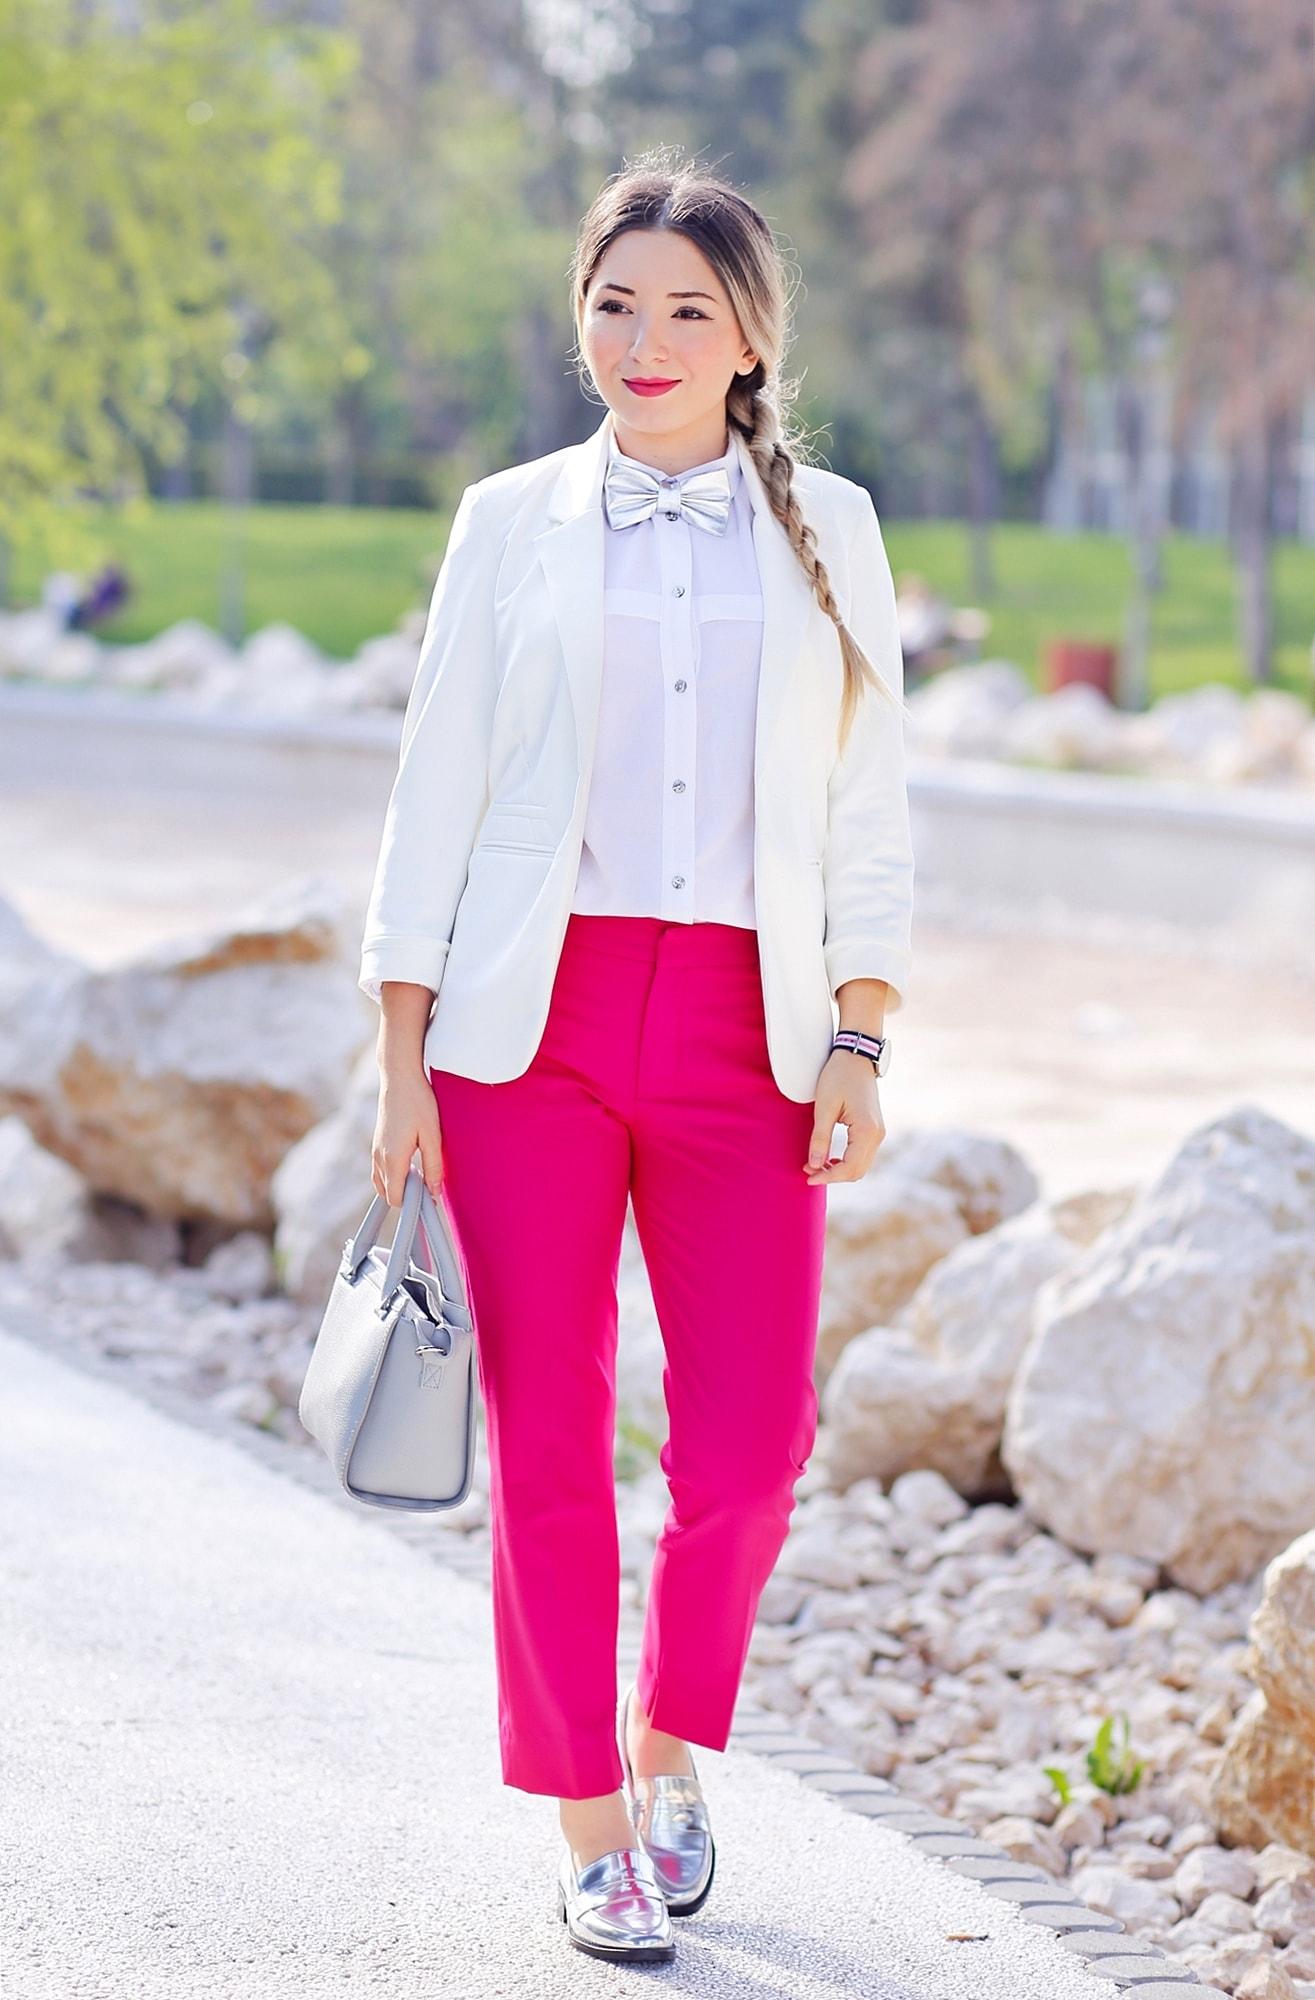 Tinuta chic masculina - cum purtam pantalonii roz Zara office si elementele metalice in tinuta de zi